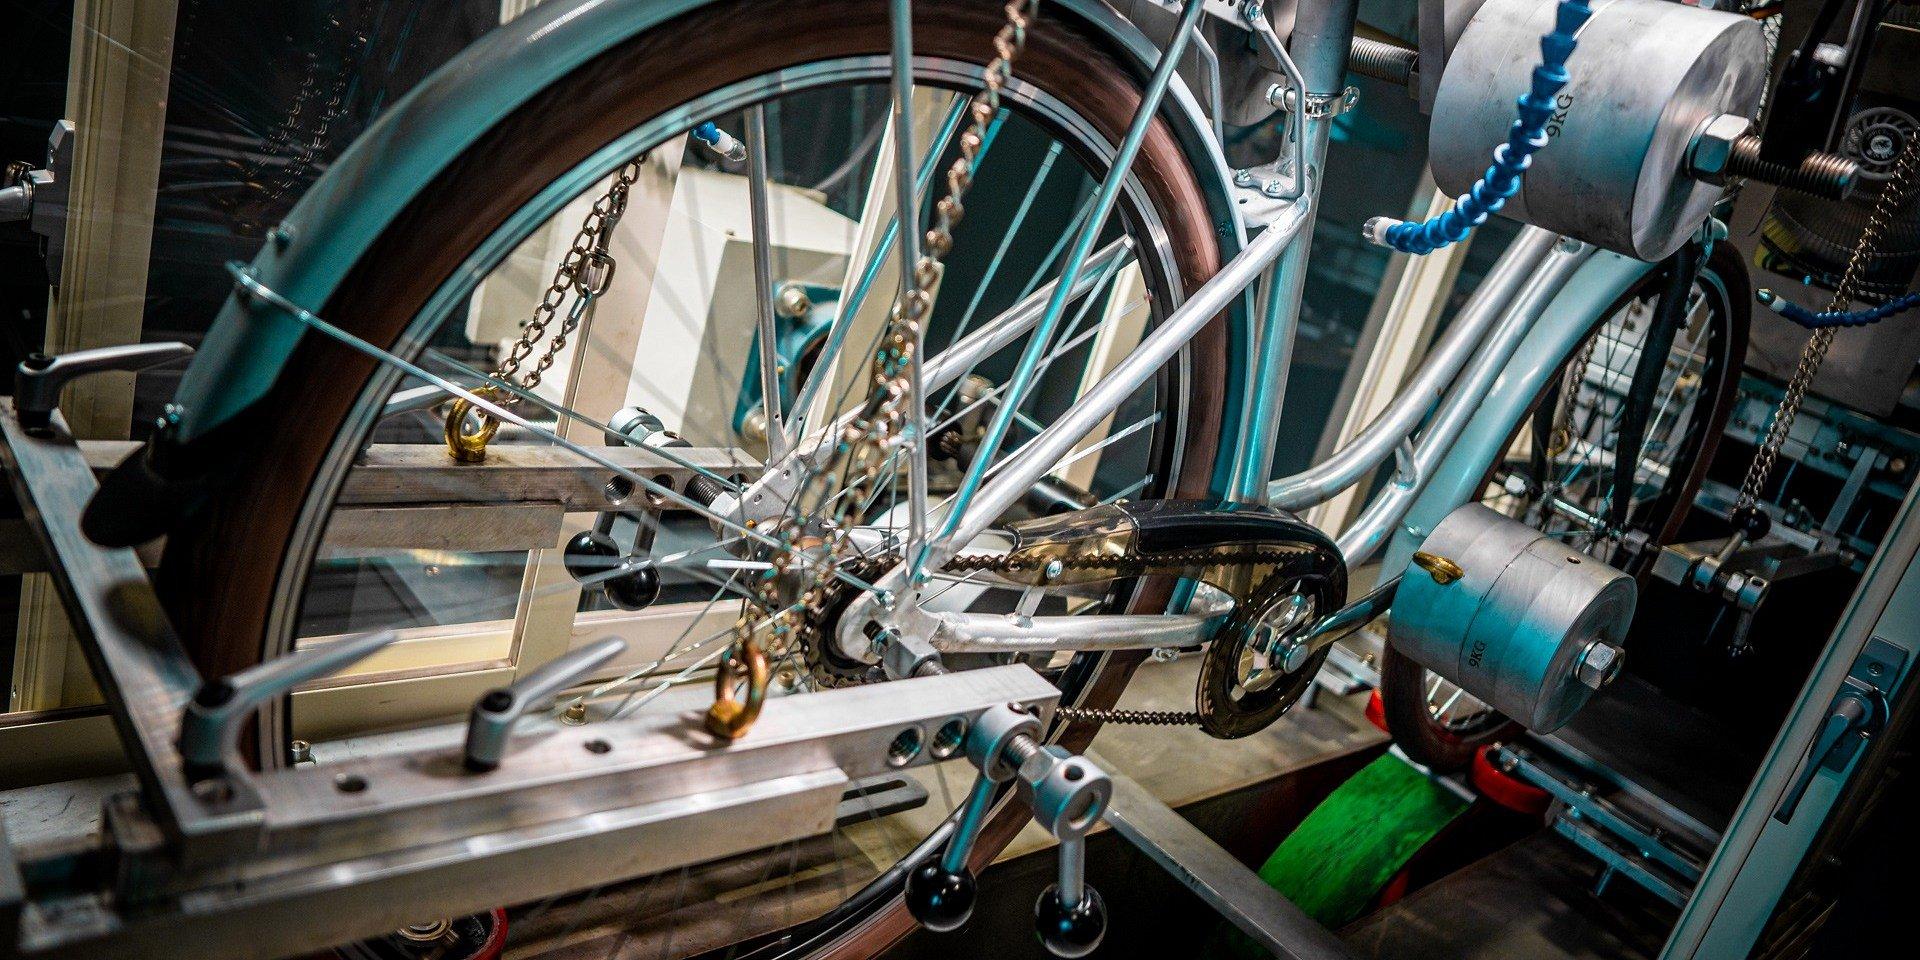 Przemysł rowerowy 4.0 – AG Motors uruchamia przełomowe inwestycje dla branży rowerowej